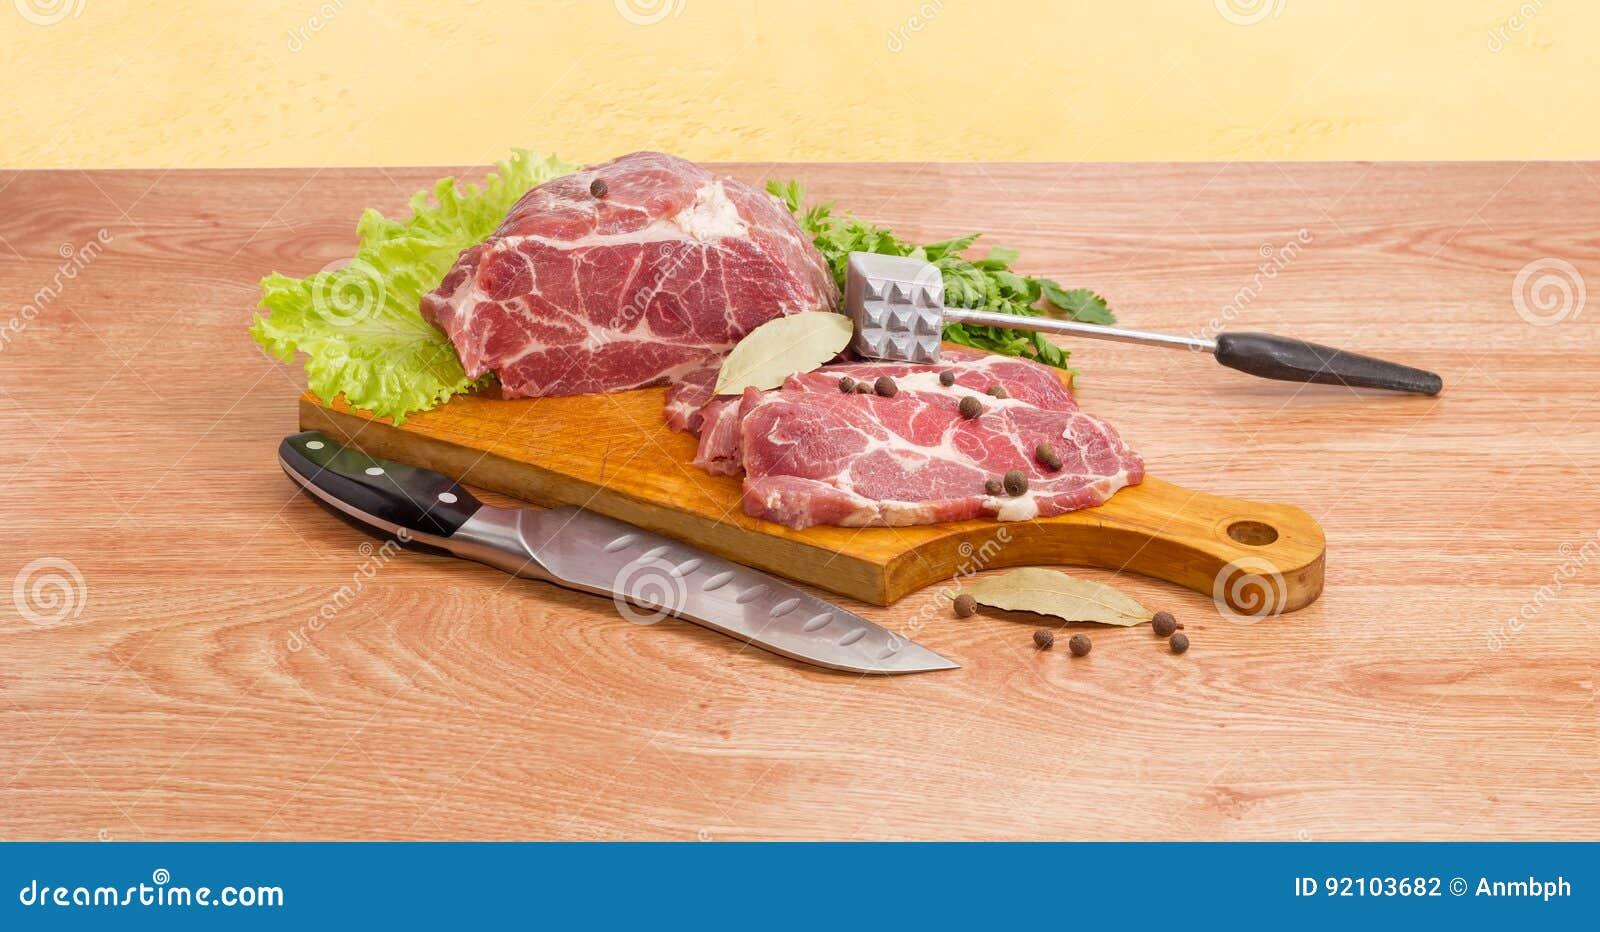 cou de porc sur la planche à découper, l'attendrisseur de viande et